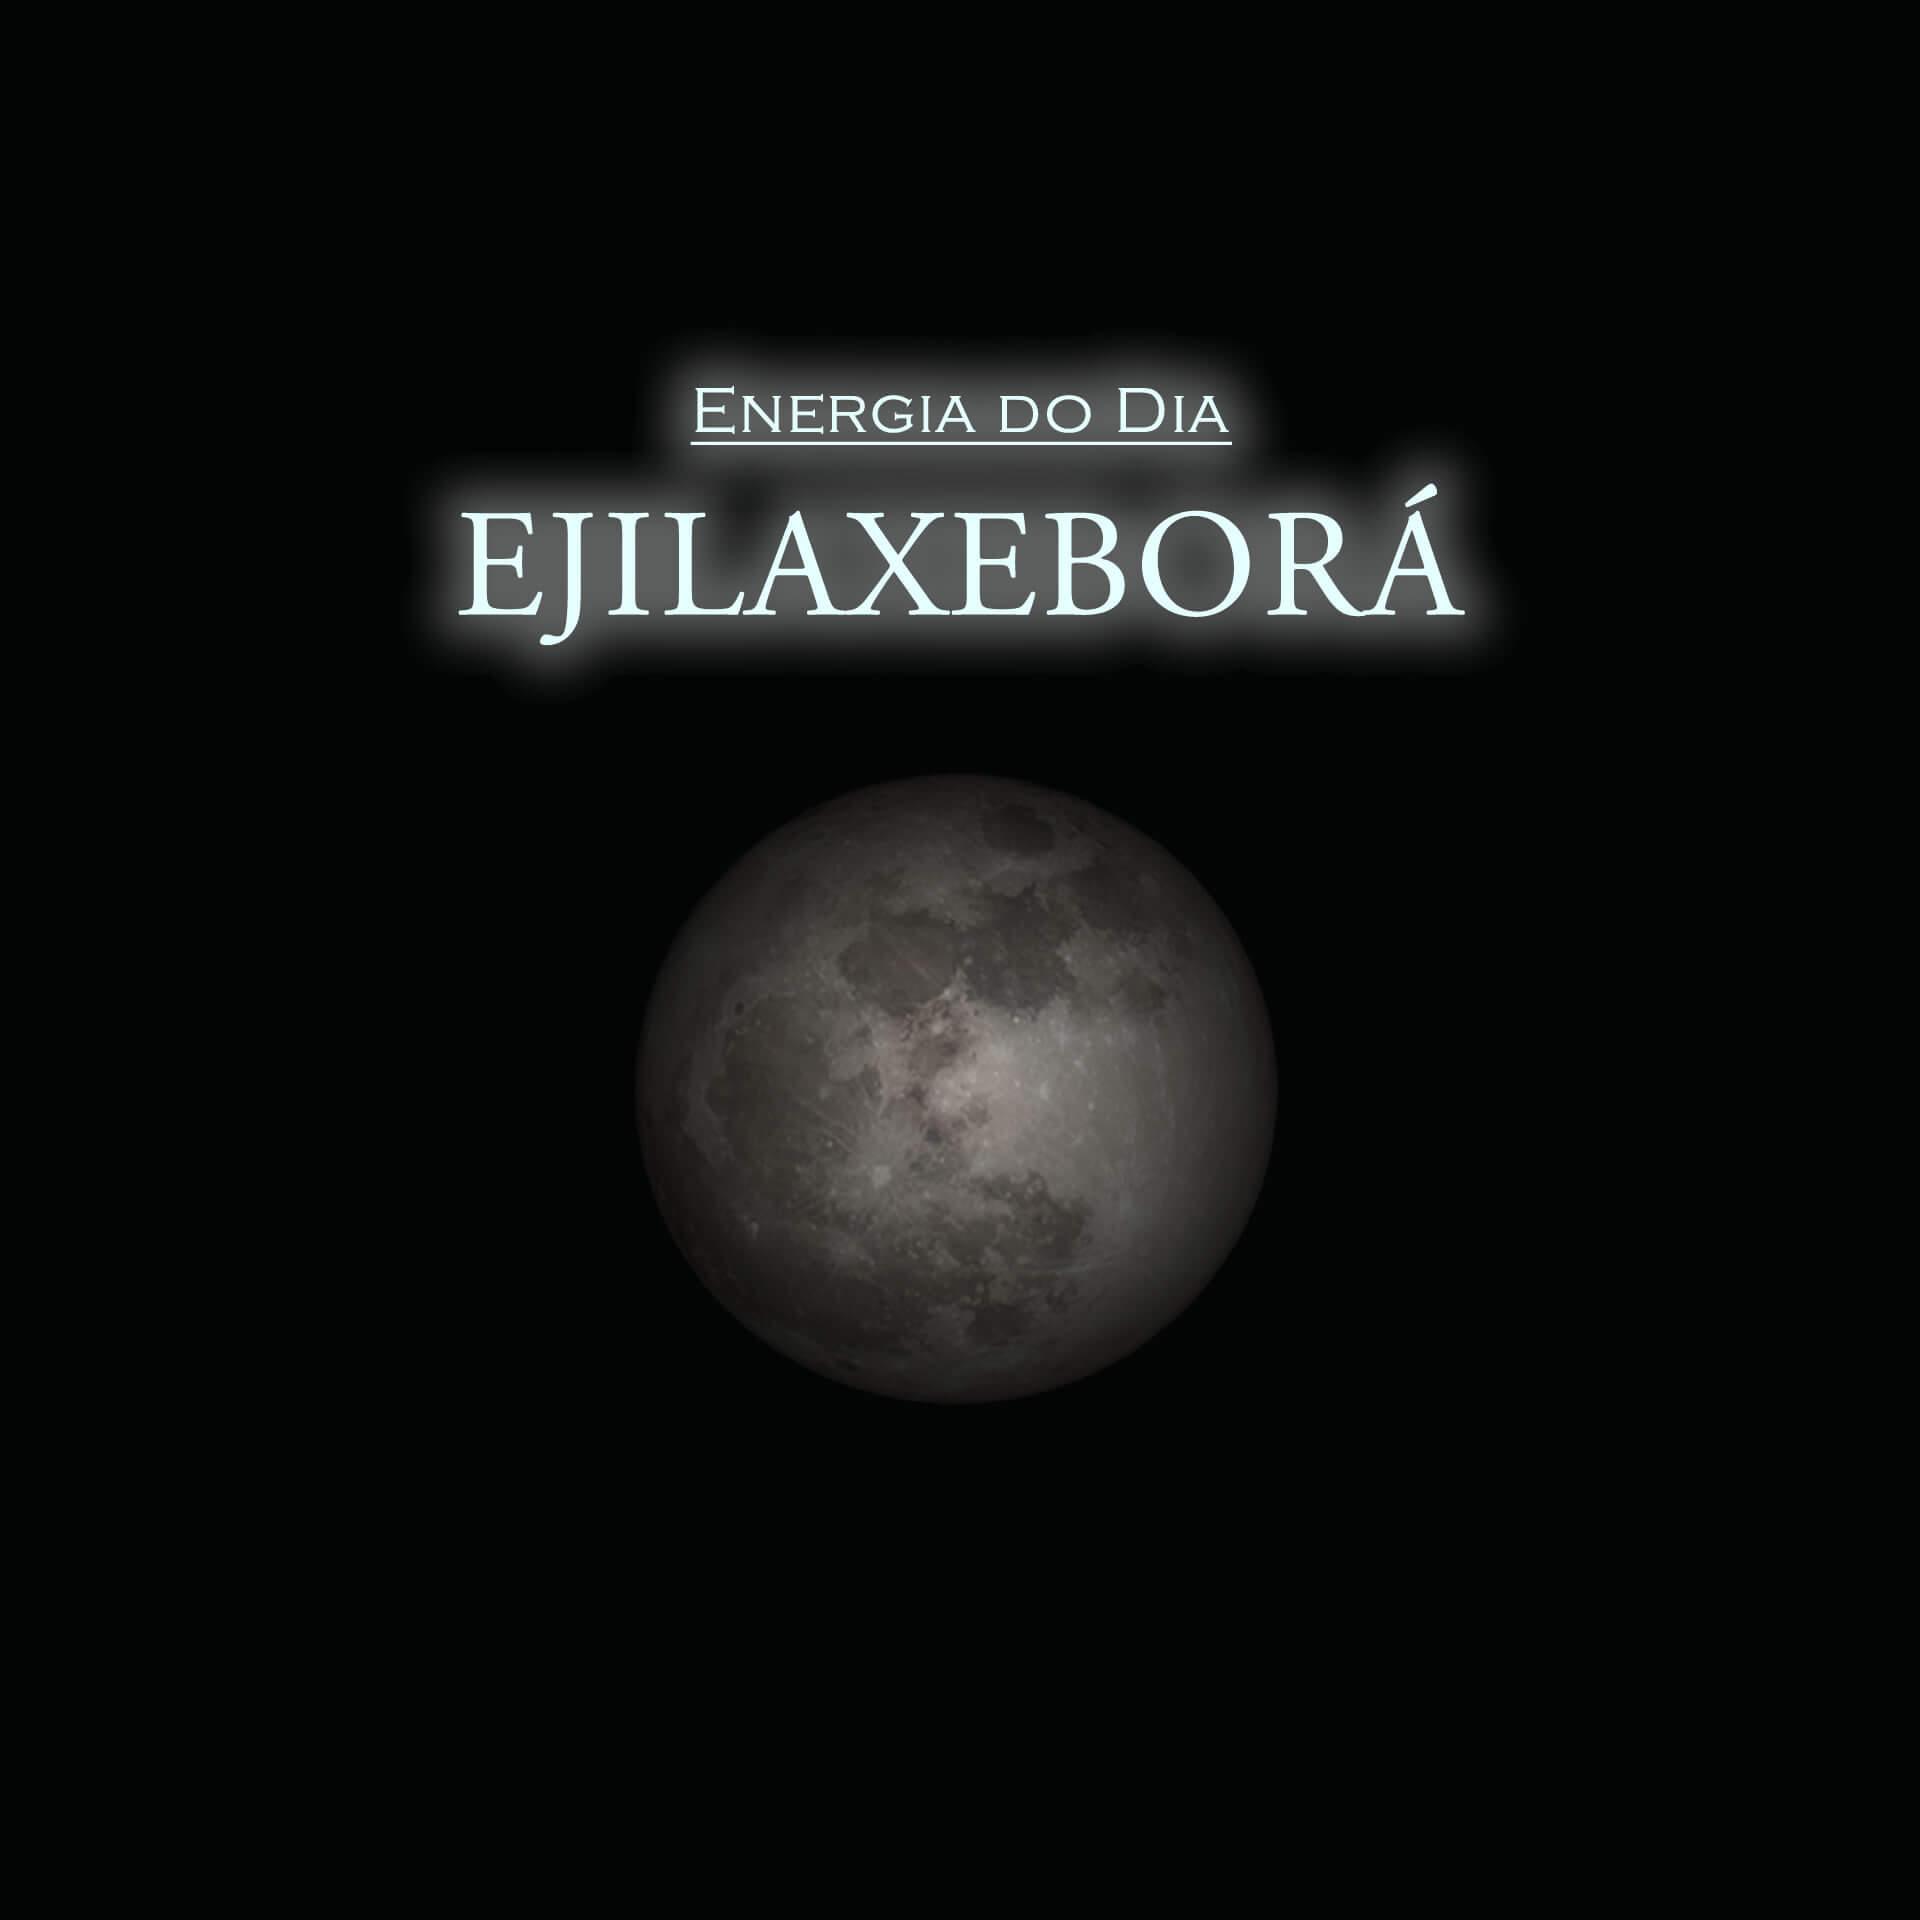 Energia do Dia | 24/02/2020: EJILAXEBORÁ